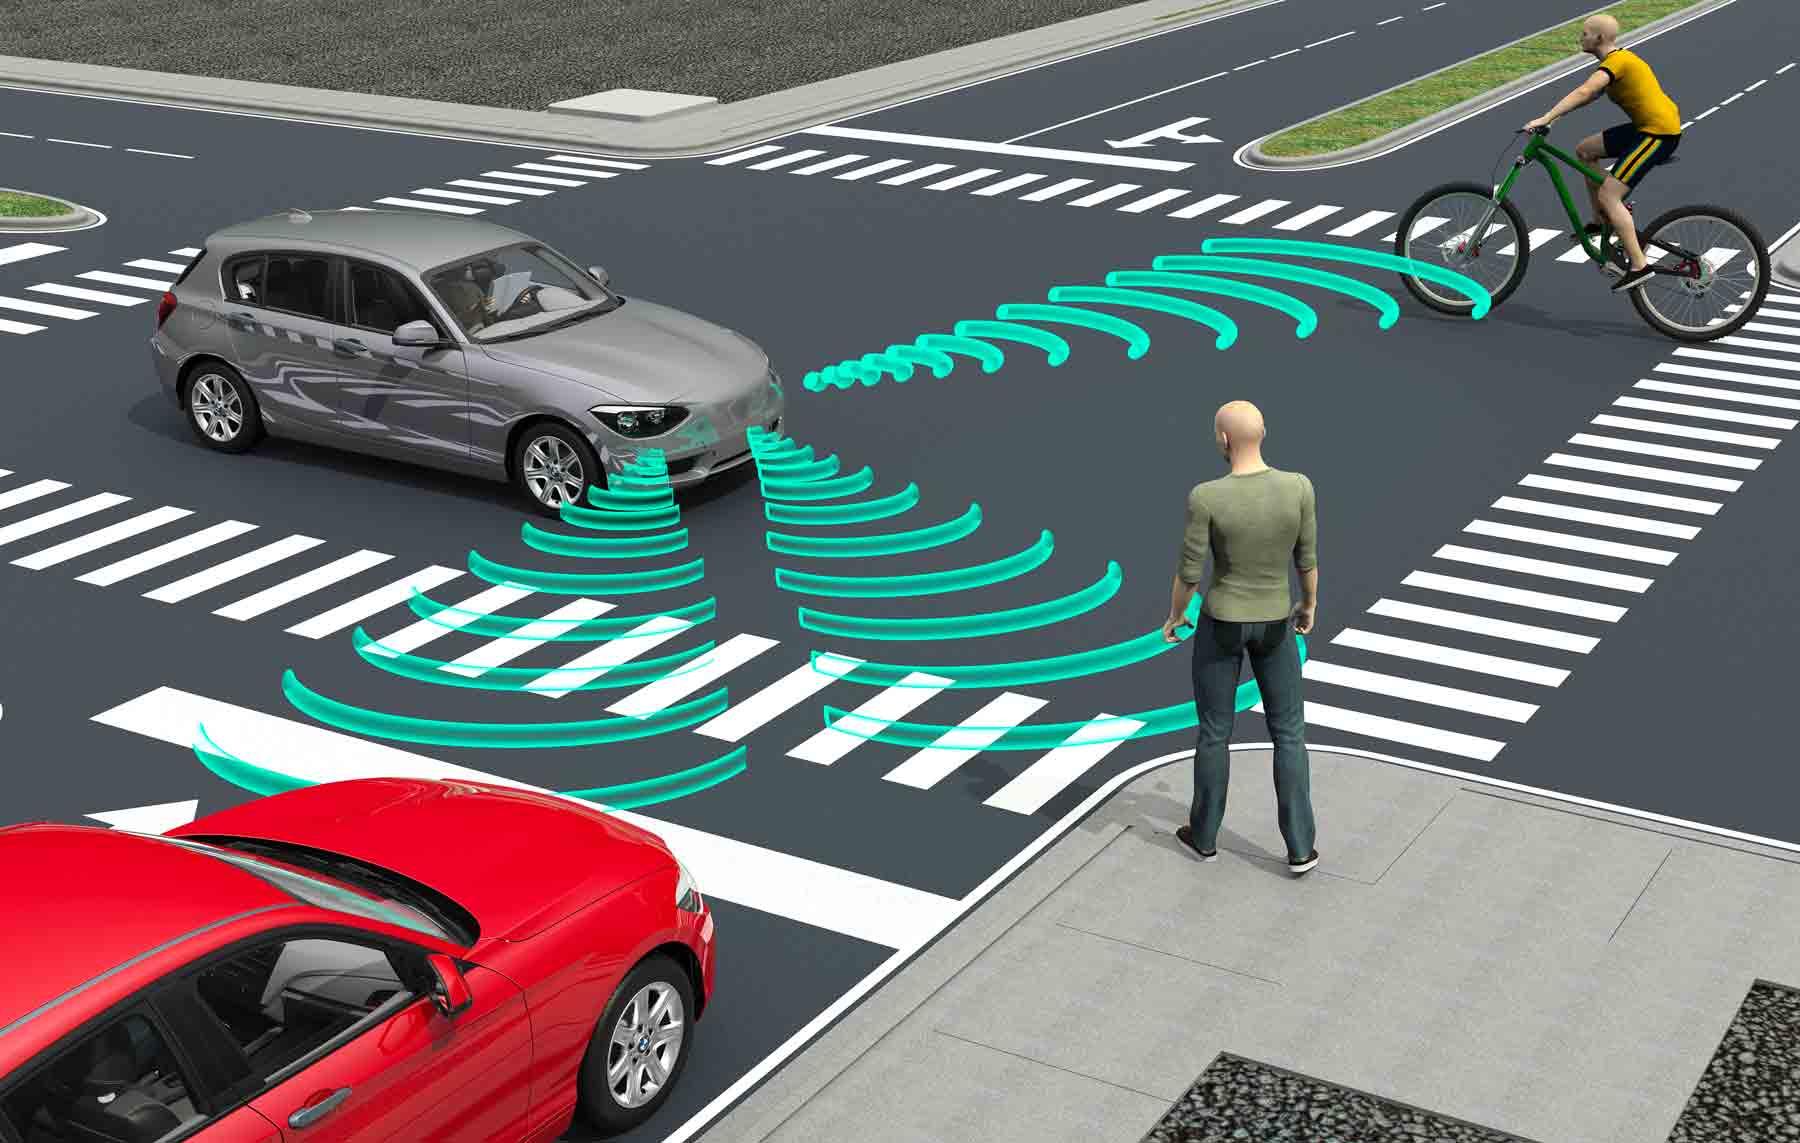 Guida autonoma e radar riconoscimento pedoni